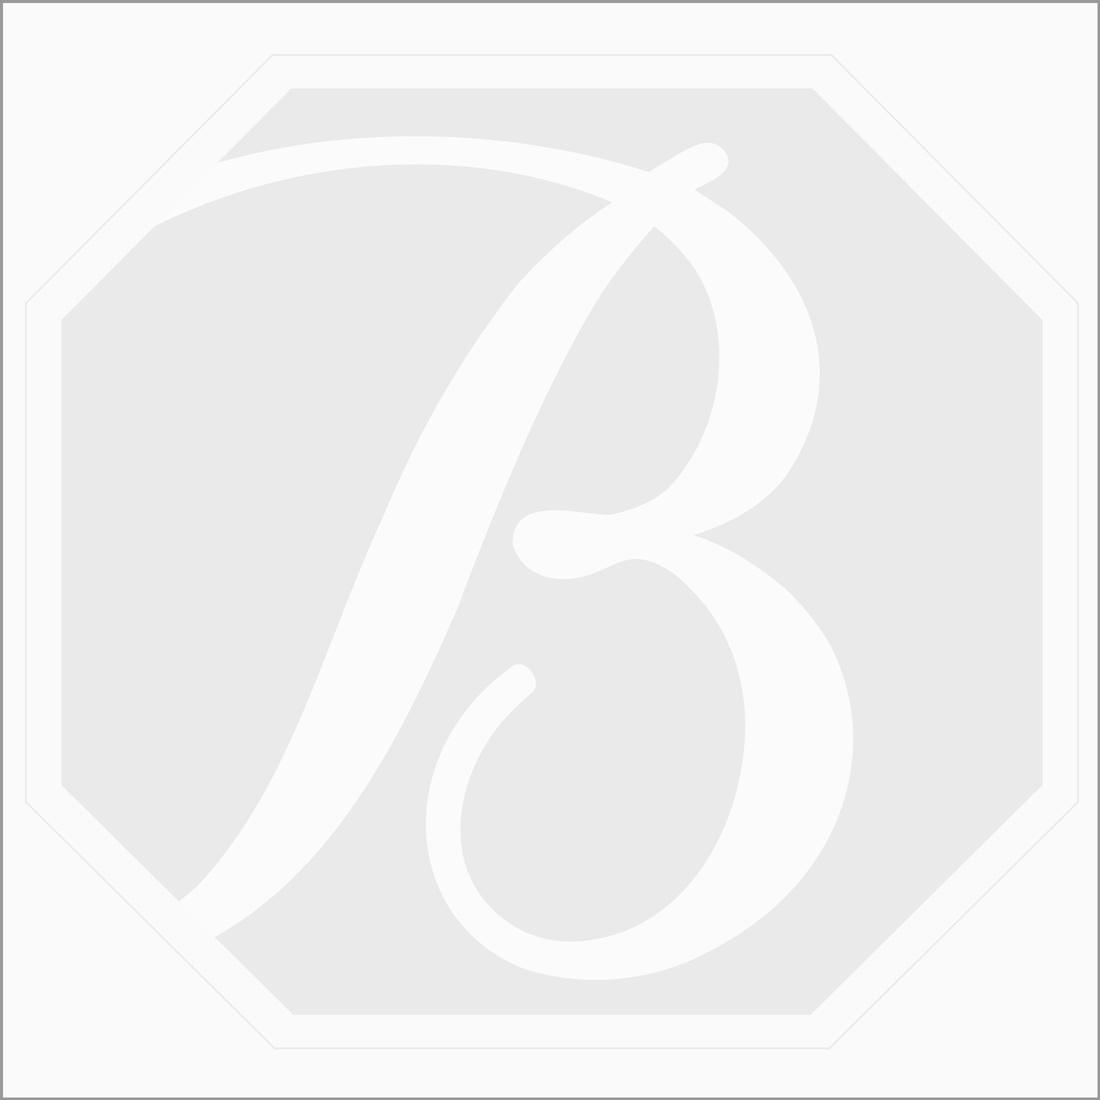 10 Pcs - 14.78 ct. - Blue Tourmaline Rose Cut -8.3 x 6.5 x 1.3 mm to 12.2 x 9 x 2.5 mm (TRC1122)